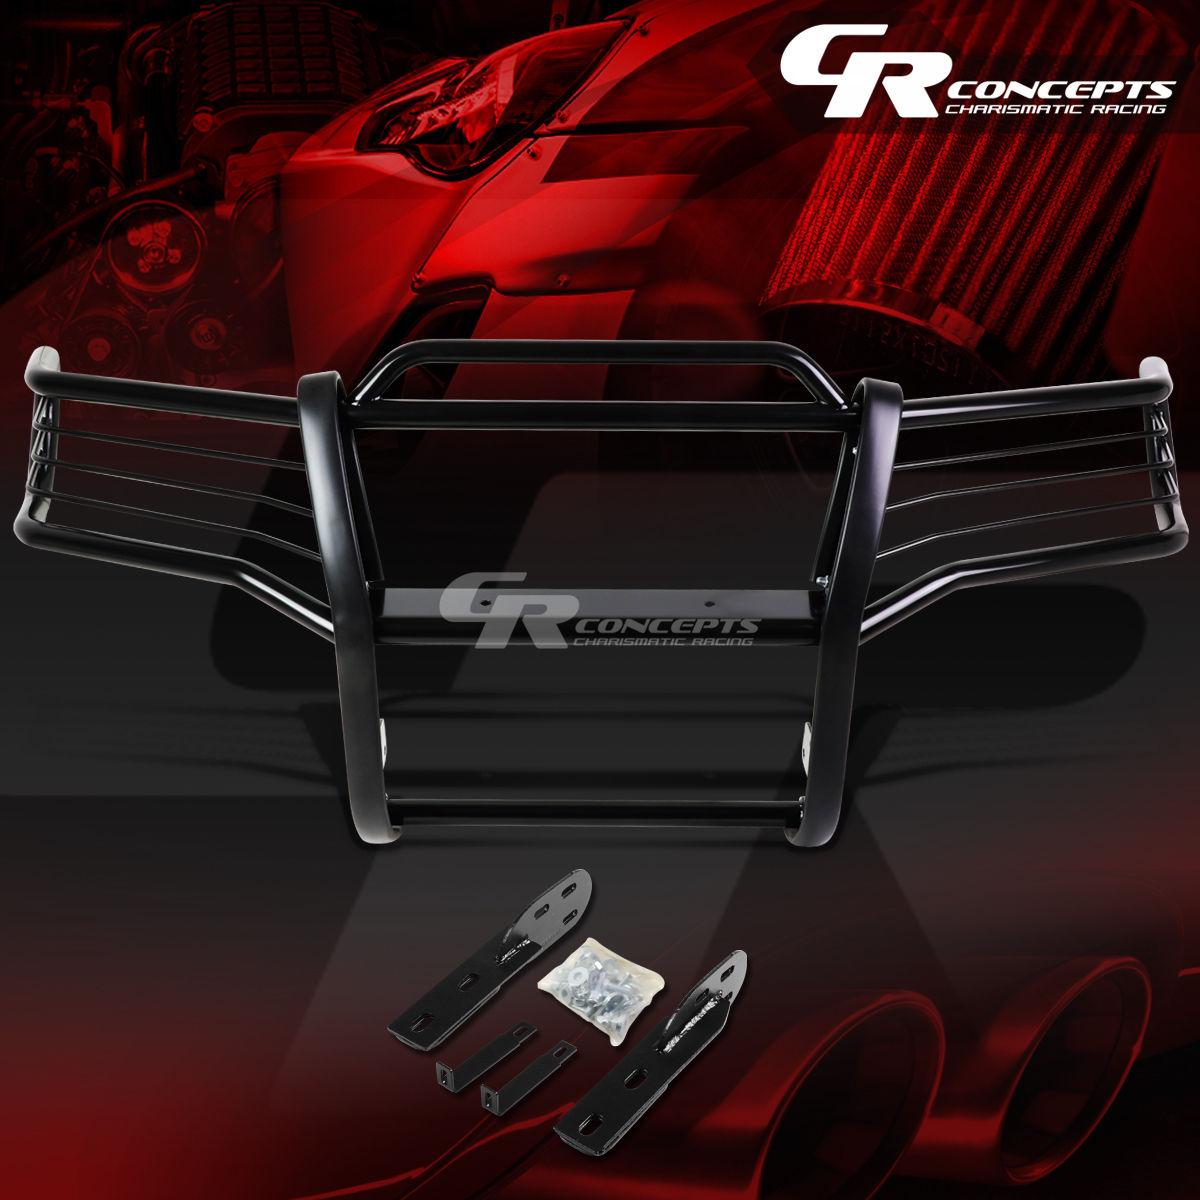 グリル 黒塗装されたマイルストーンブラシグリルガードフレーム01-05 EXPLORER SPORT TRAC V6 BLACK COATED MILD STEEL BRUSH GRILL GUARD FRAME FOR 01-05 EXPLORER SPORT TRAC V6